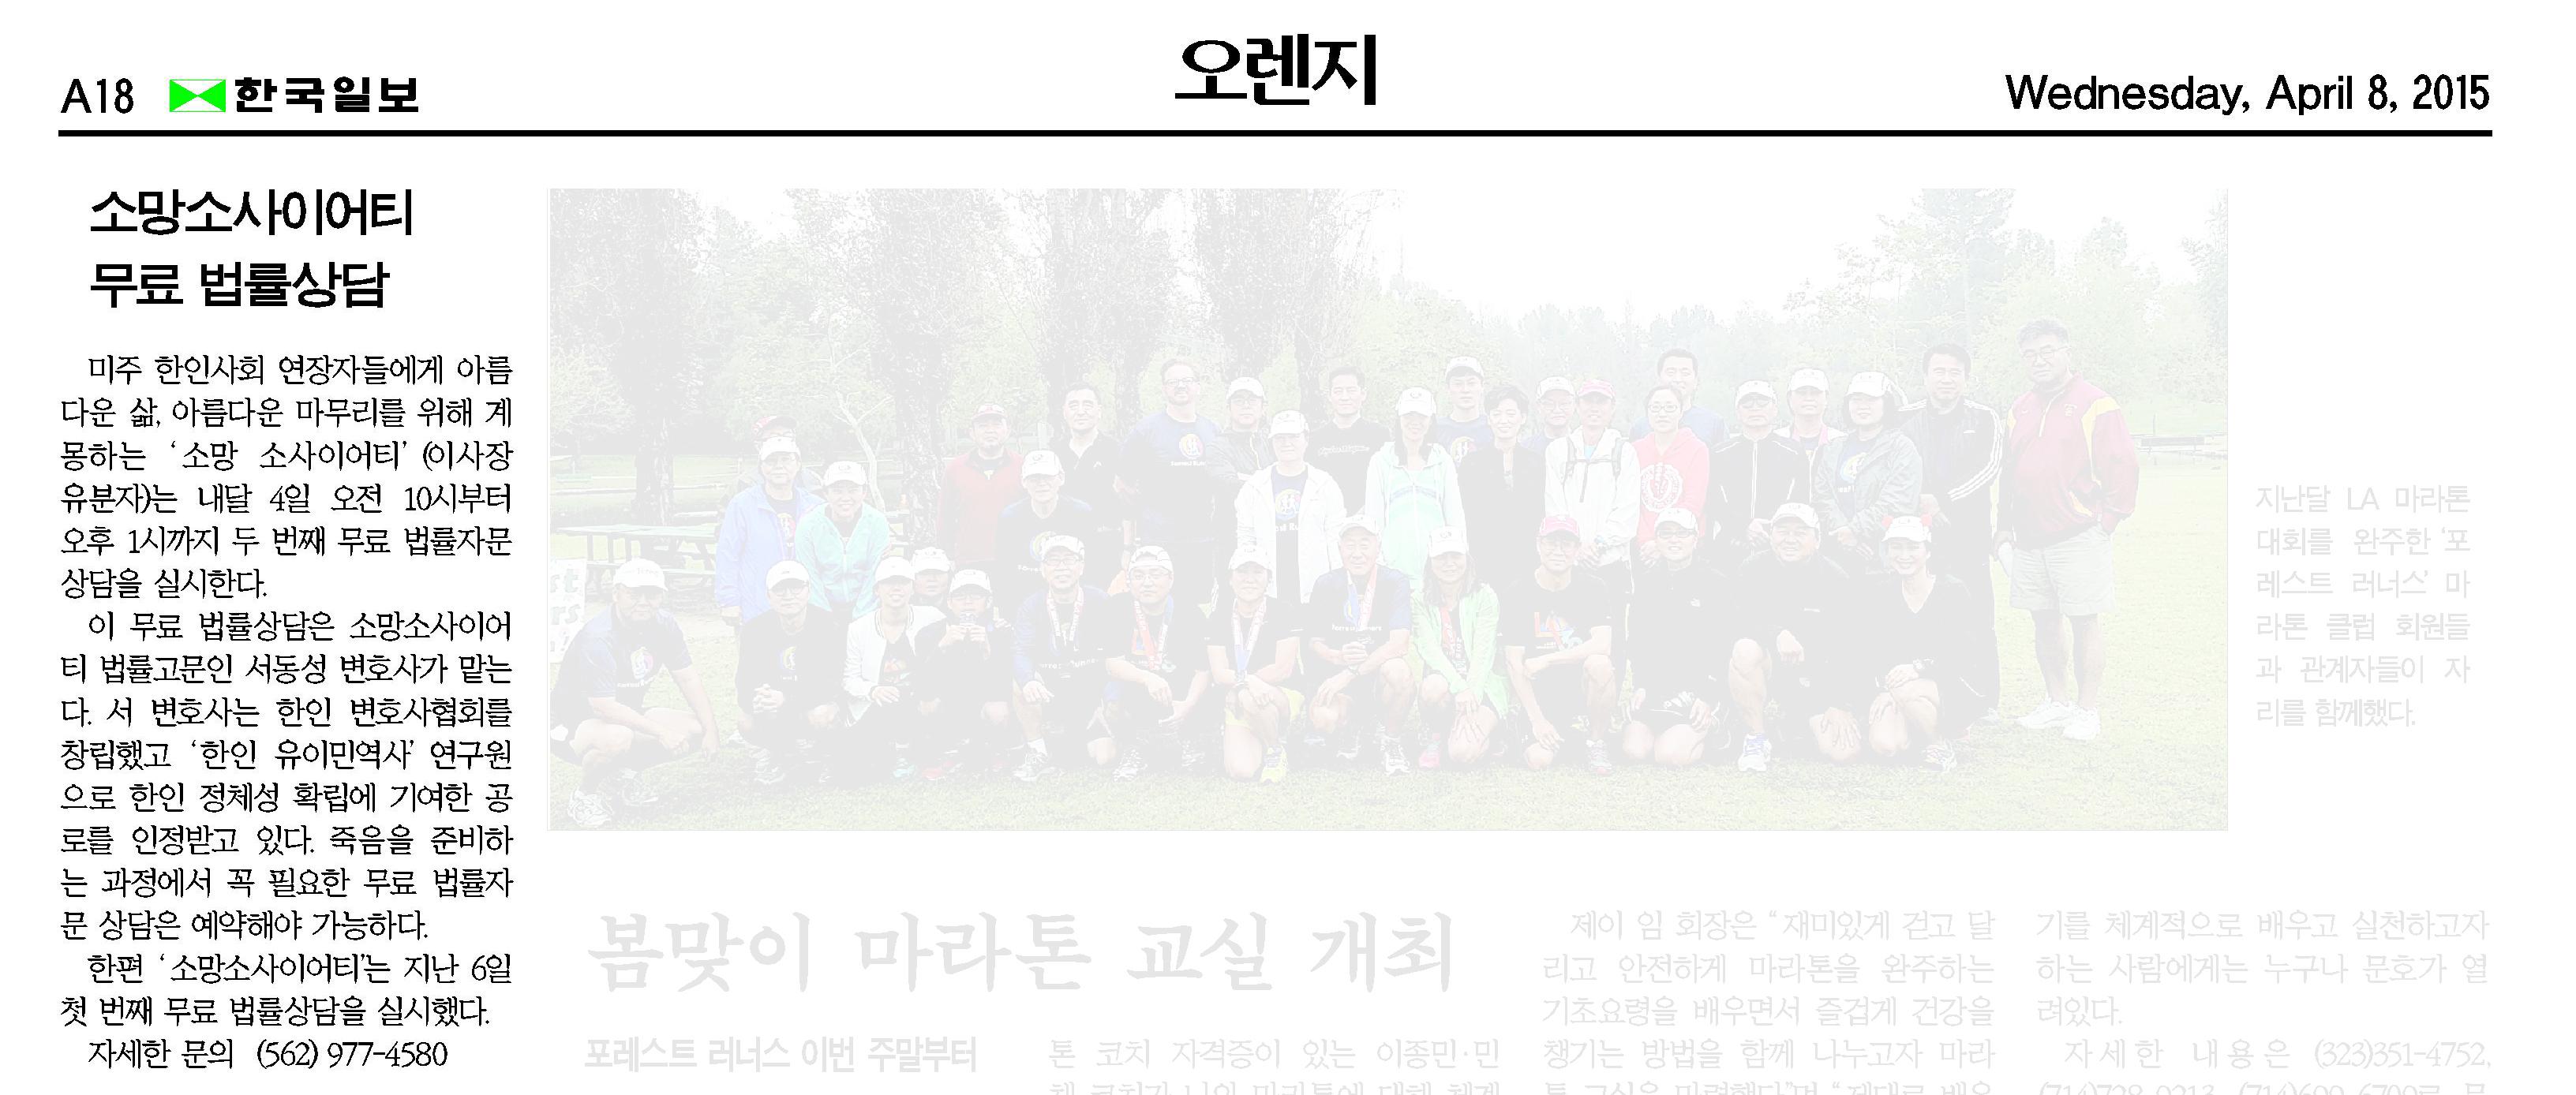 """""""소망 소사이어티 무료 법률상담"""" 2015년 4월 8일 한국일보"""